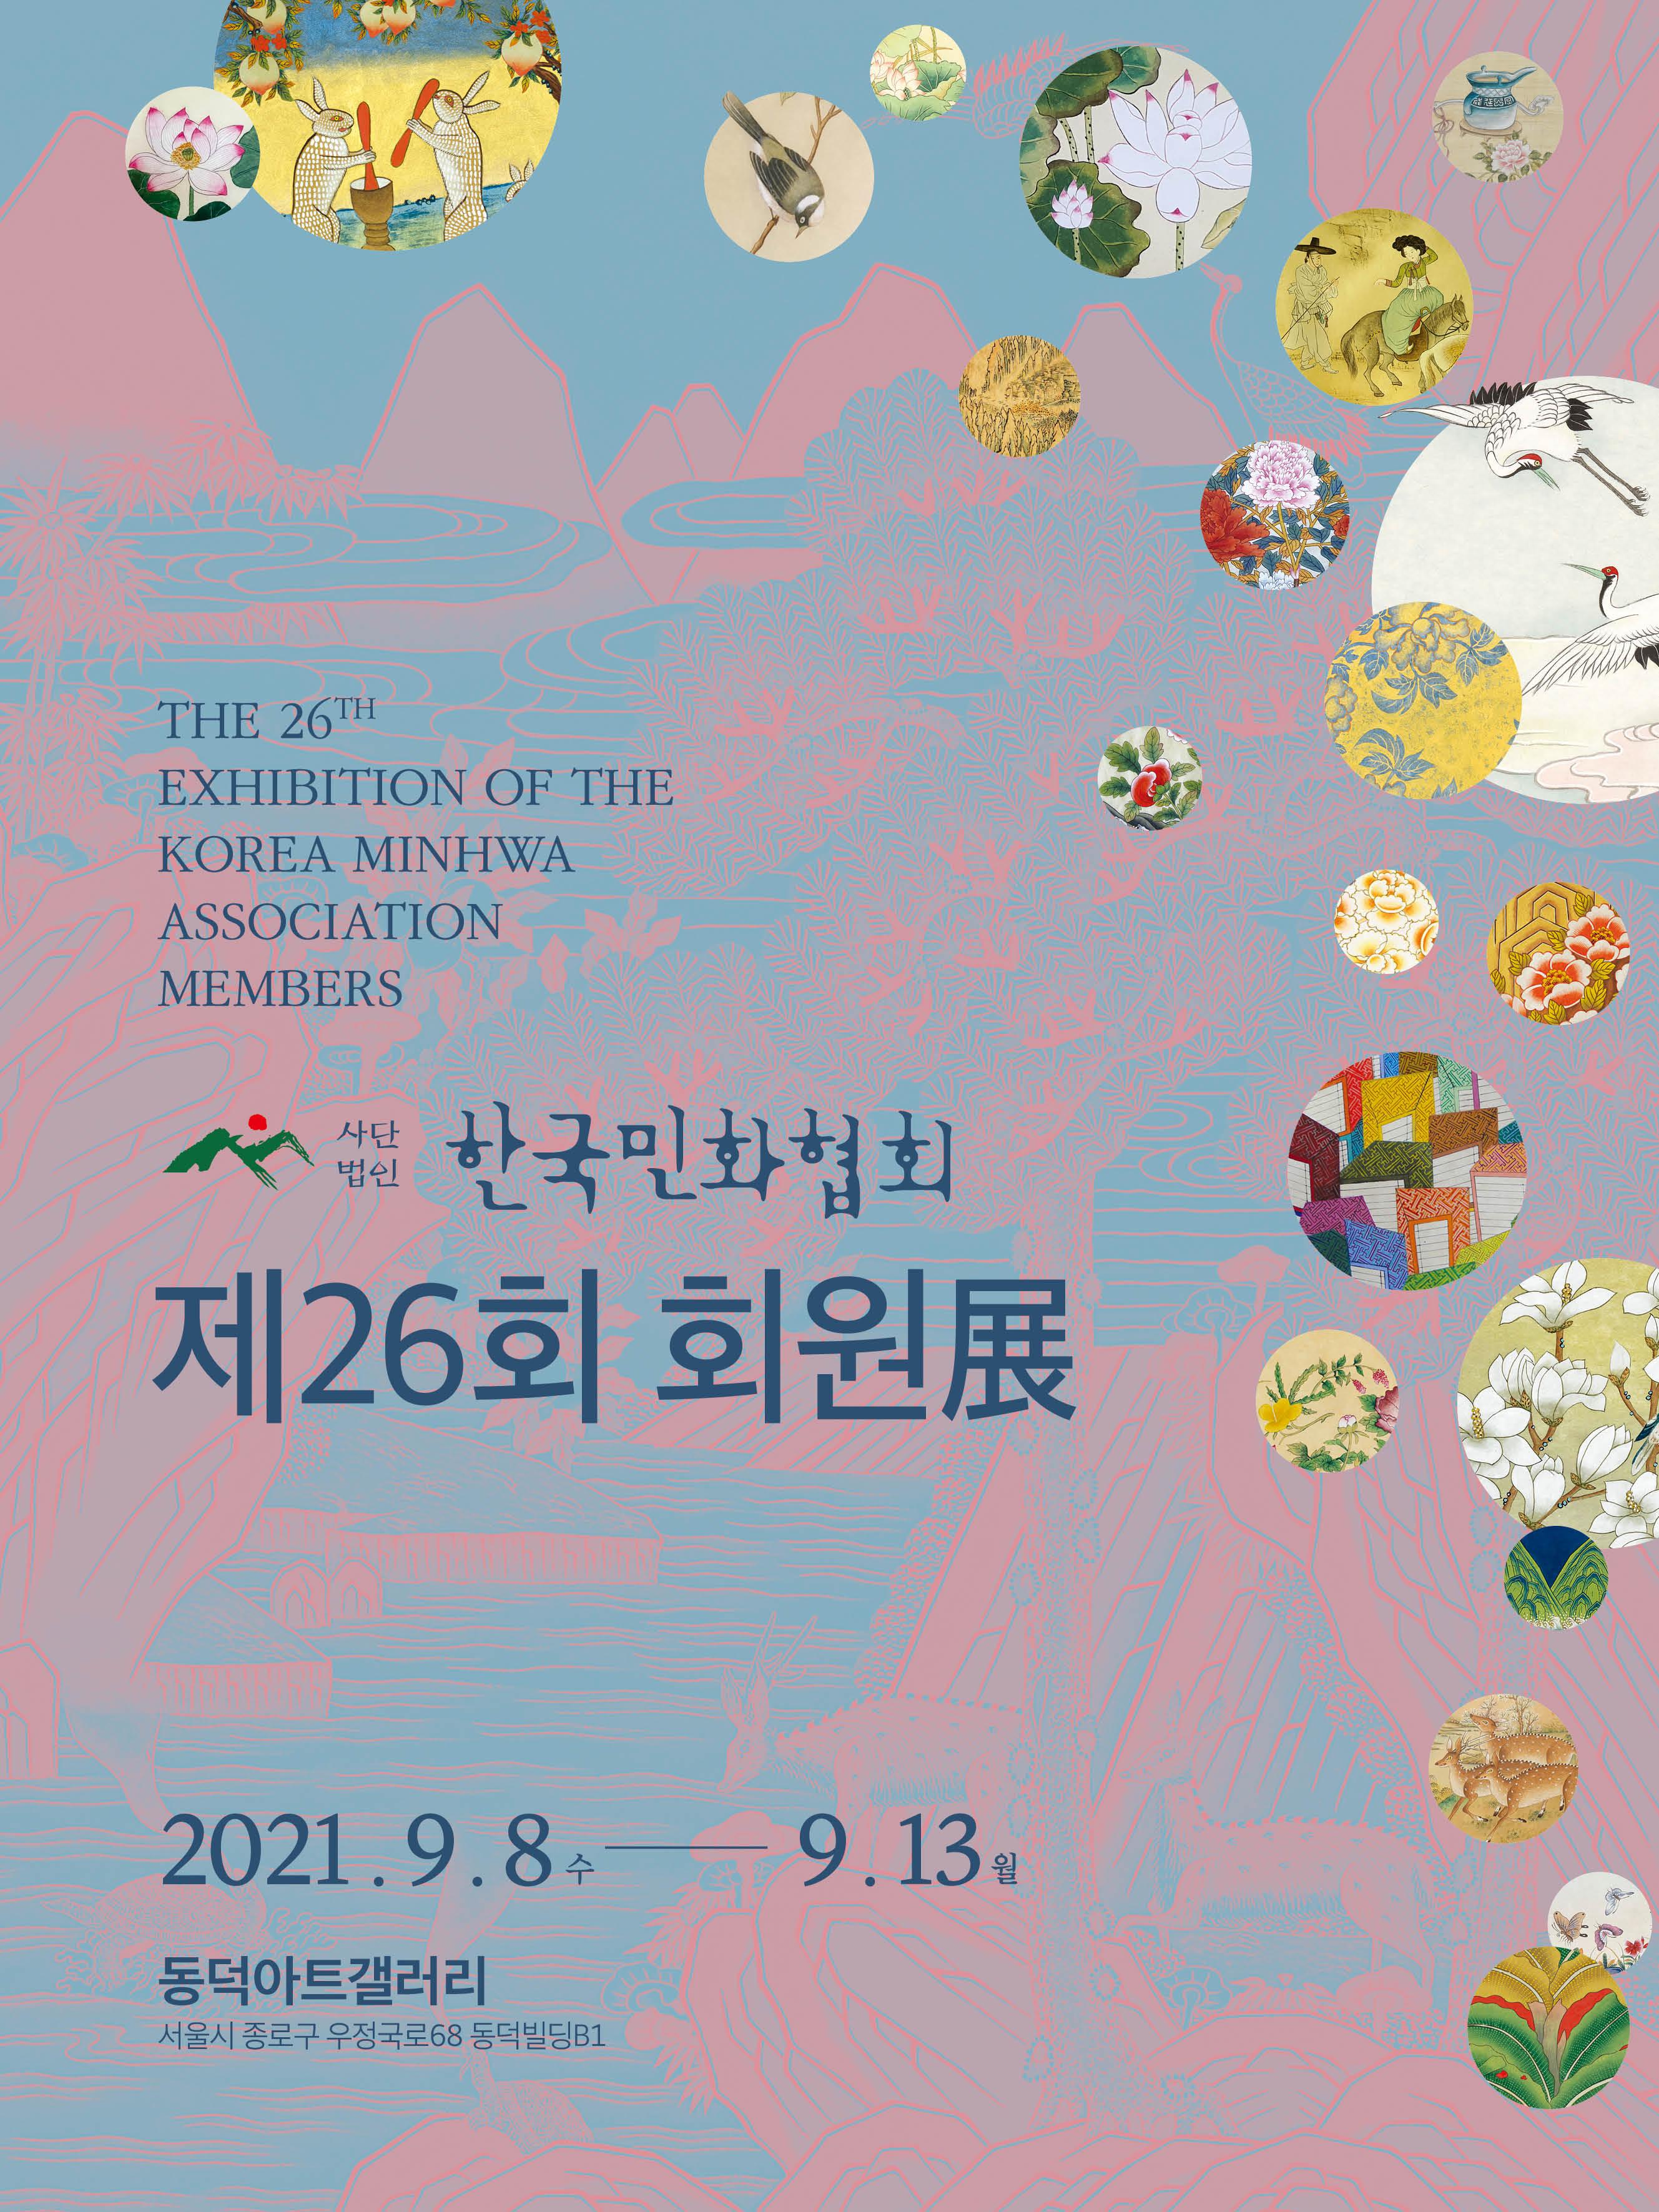 2021년 26회 회원전 포스터.jpg